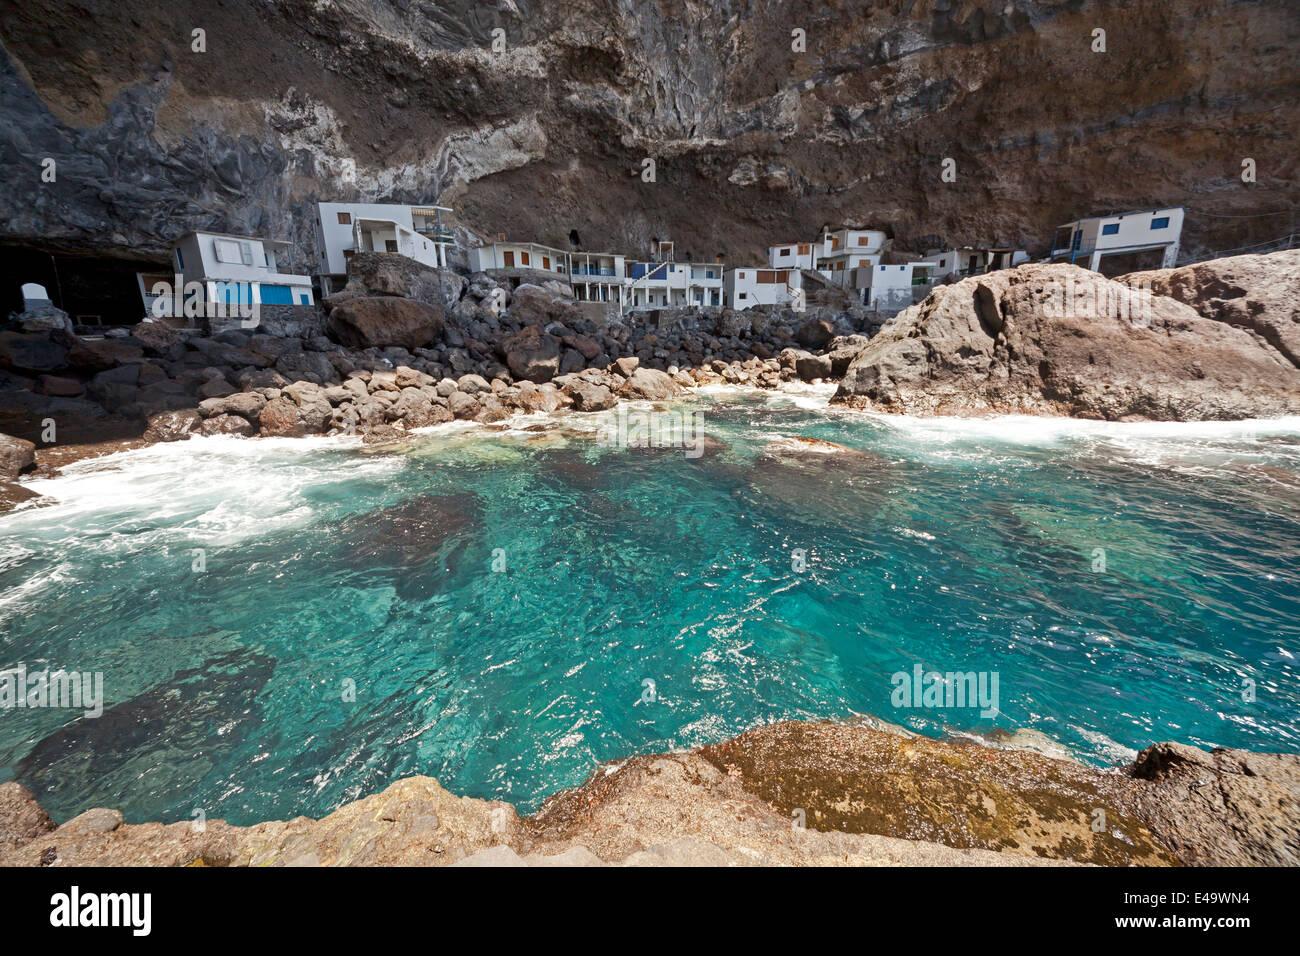 Fishermens Häuser an der versteckten Pirat Bucht in der Nähe von Tijarafe, La Palma, Kanarische Inseln, Stockbild